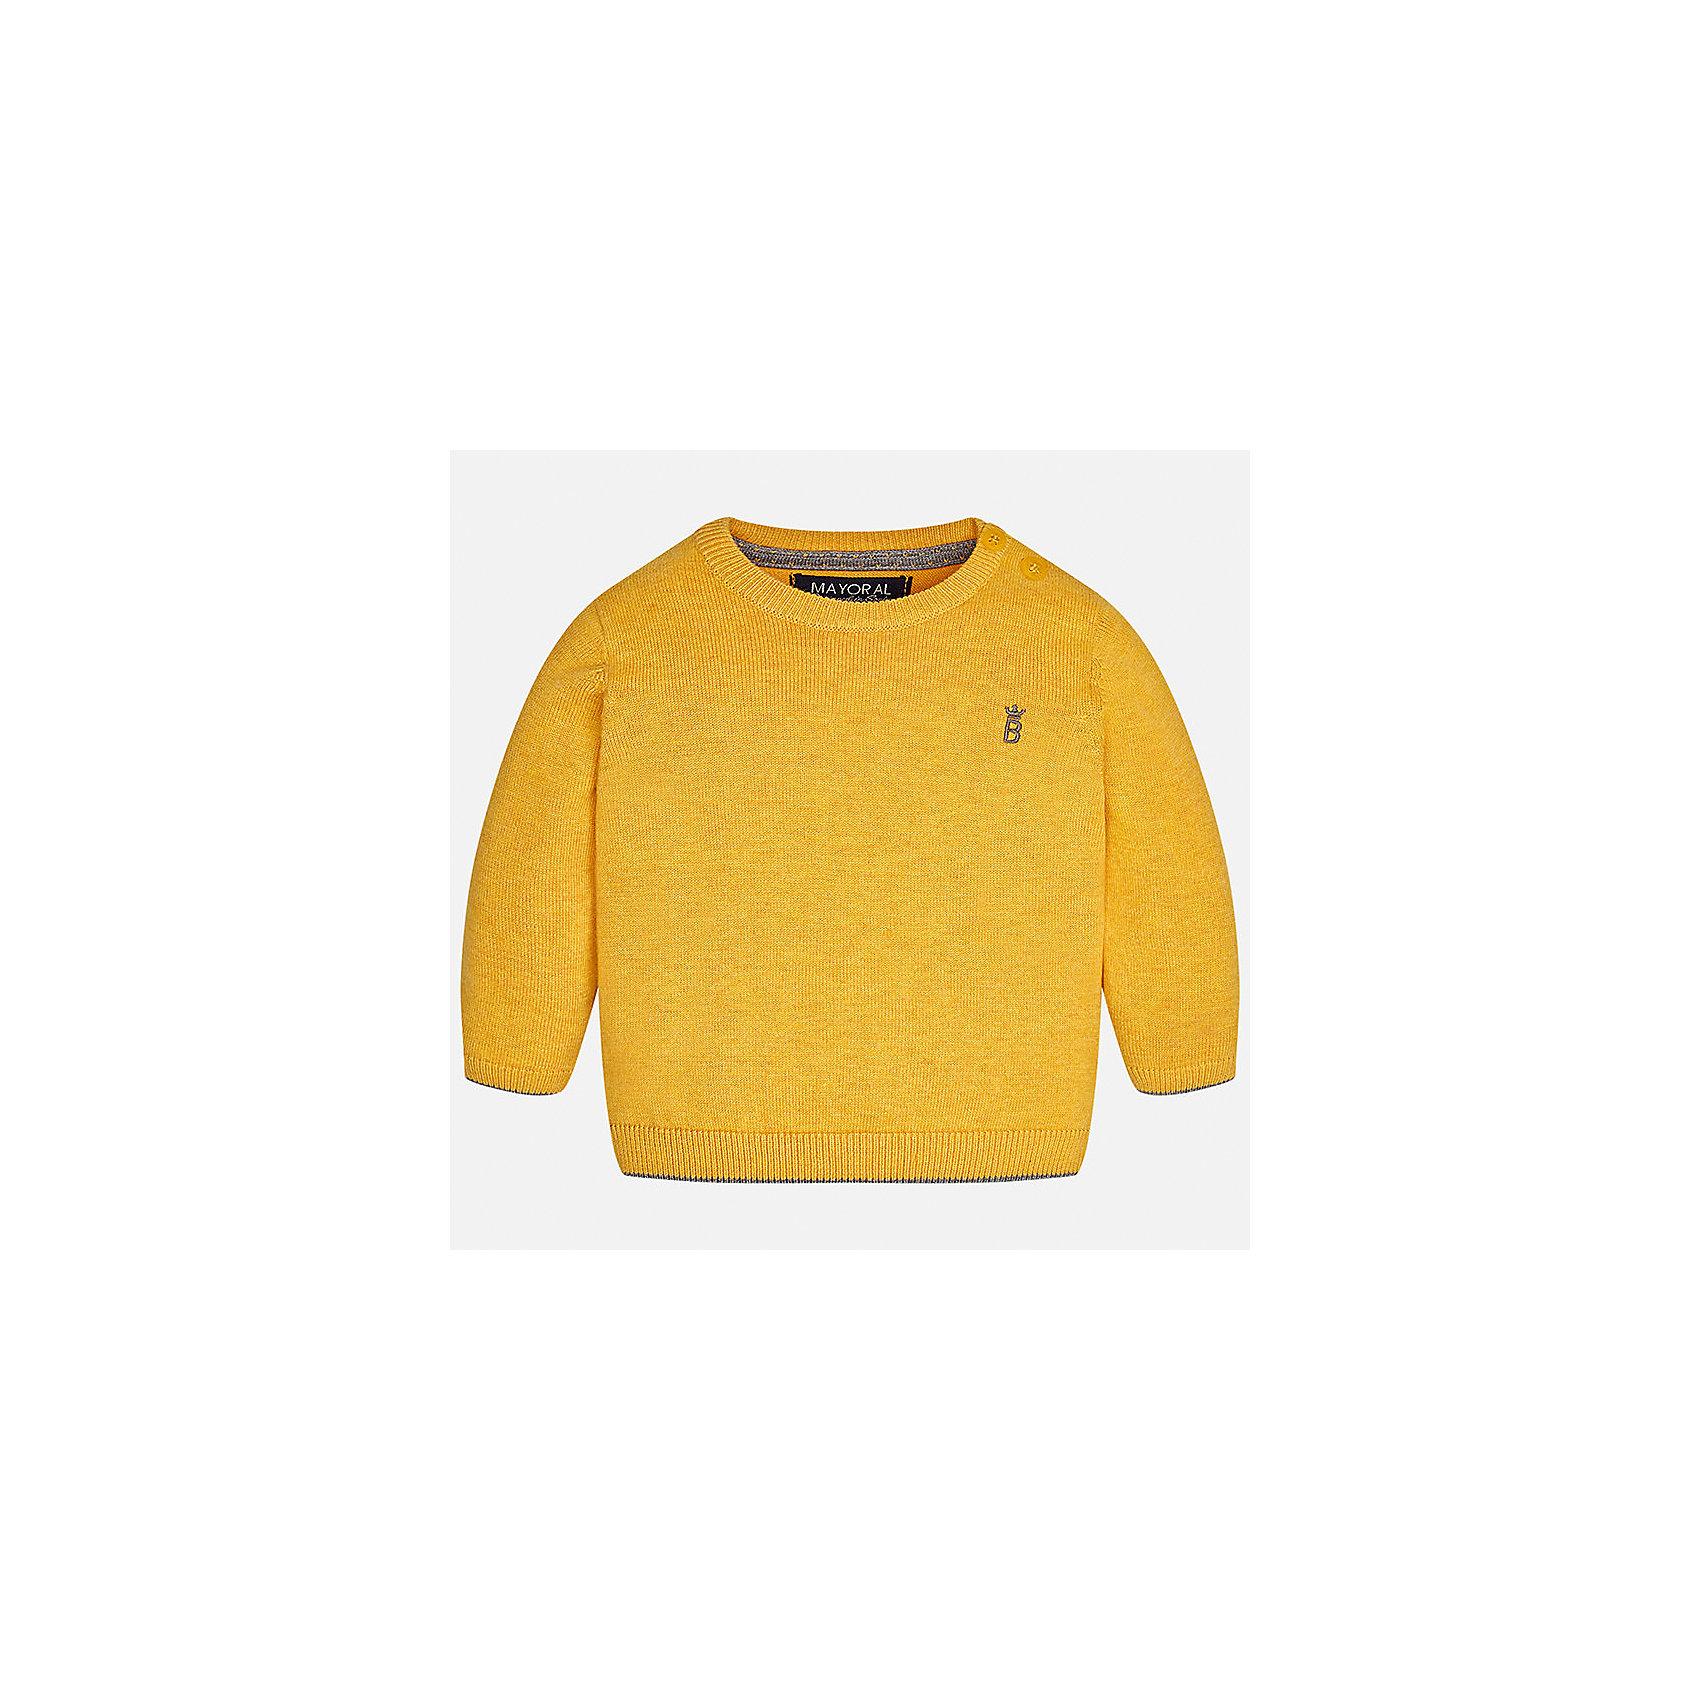 Свитер Mayoral для мальчикаСвитера и кардиганы<br>Характеристики товара:<br><br>• цвет: желтый;<br>• состав ткани: 100% хлопок;<br>• длинный рукав - реглан;<br>• однотонный;<br>• сезон: демисезон;<br>• страна бренда: Испания;<br>• страна изготовитель: Бангладеш.<br><br>Свитер для мальчика от популярного бренда Mayoral из натурально и мягкого 100% хлопка тонкой вязки, декорирован принтом в виде логотипа с вышивкой. Имеет круглый вырез и уплотненные края на руковах и поясе. Очень практичный и долгий в носке, цвет нетускнеет, смотрится аккуратно и стильно.<br><br>Для производства детской одежды популярный бренд Mayoral используют только качественную фурнитуру и материалы. Оригинальные и модные вещи от Майорал неизменно привлекают внимание и нравятся детям.<br><br>Свитер для мальчика Mayoral (Майорал) можно купить в нашем интернет-магазине.<br><br>Ширина мм: 190<br>Глубина мм: 74<br>Высота мм: 229<br>Вес г: 236<br>Цвет: оранжевый<br>Возраст от месяцев: 24<br>Возраст до месяцев: 36<br>Пол: Мужской<br>Возраст: Детский<br>Размер: 98,74,80,86,92<br>SKU: 6931769